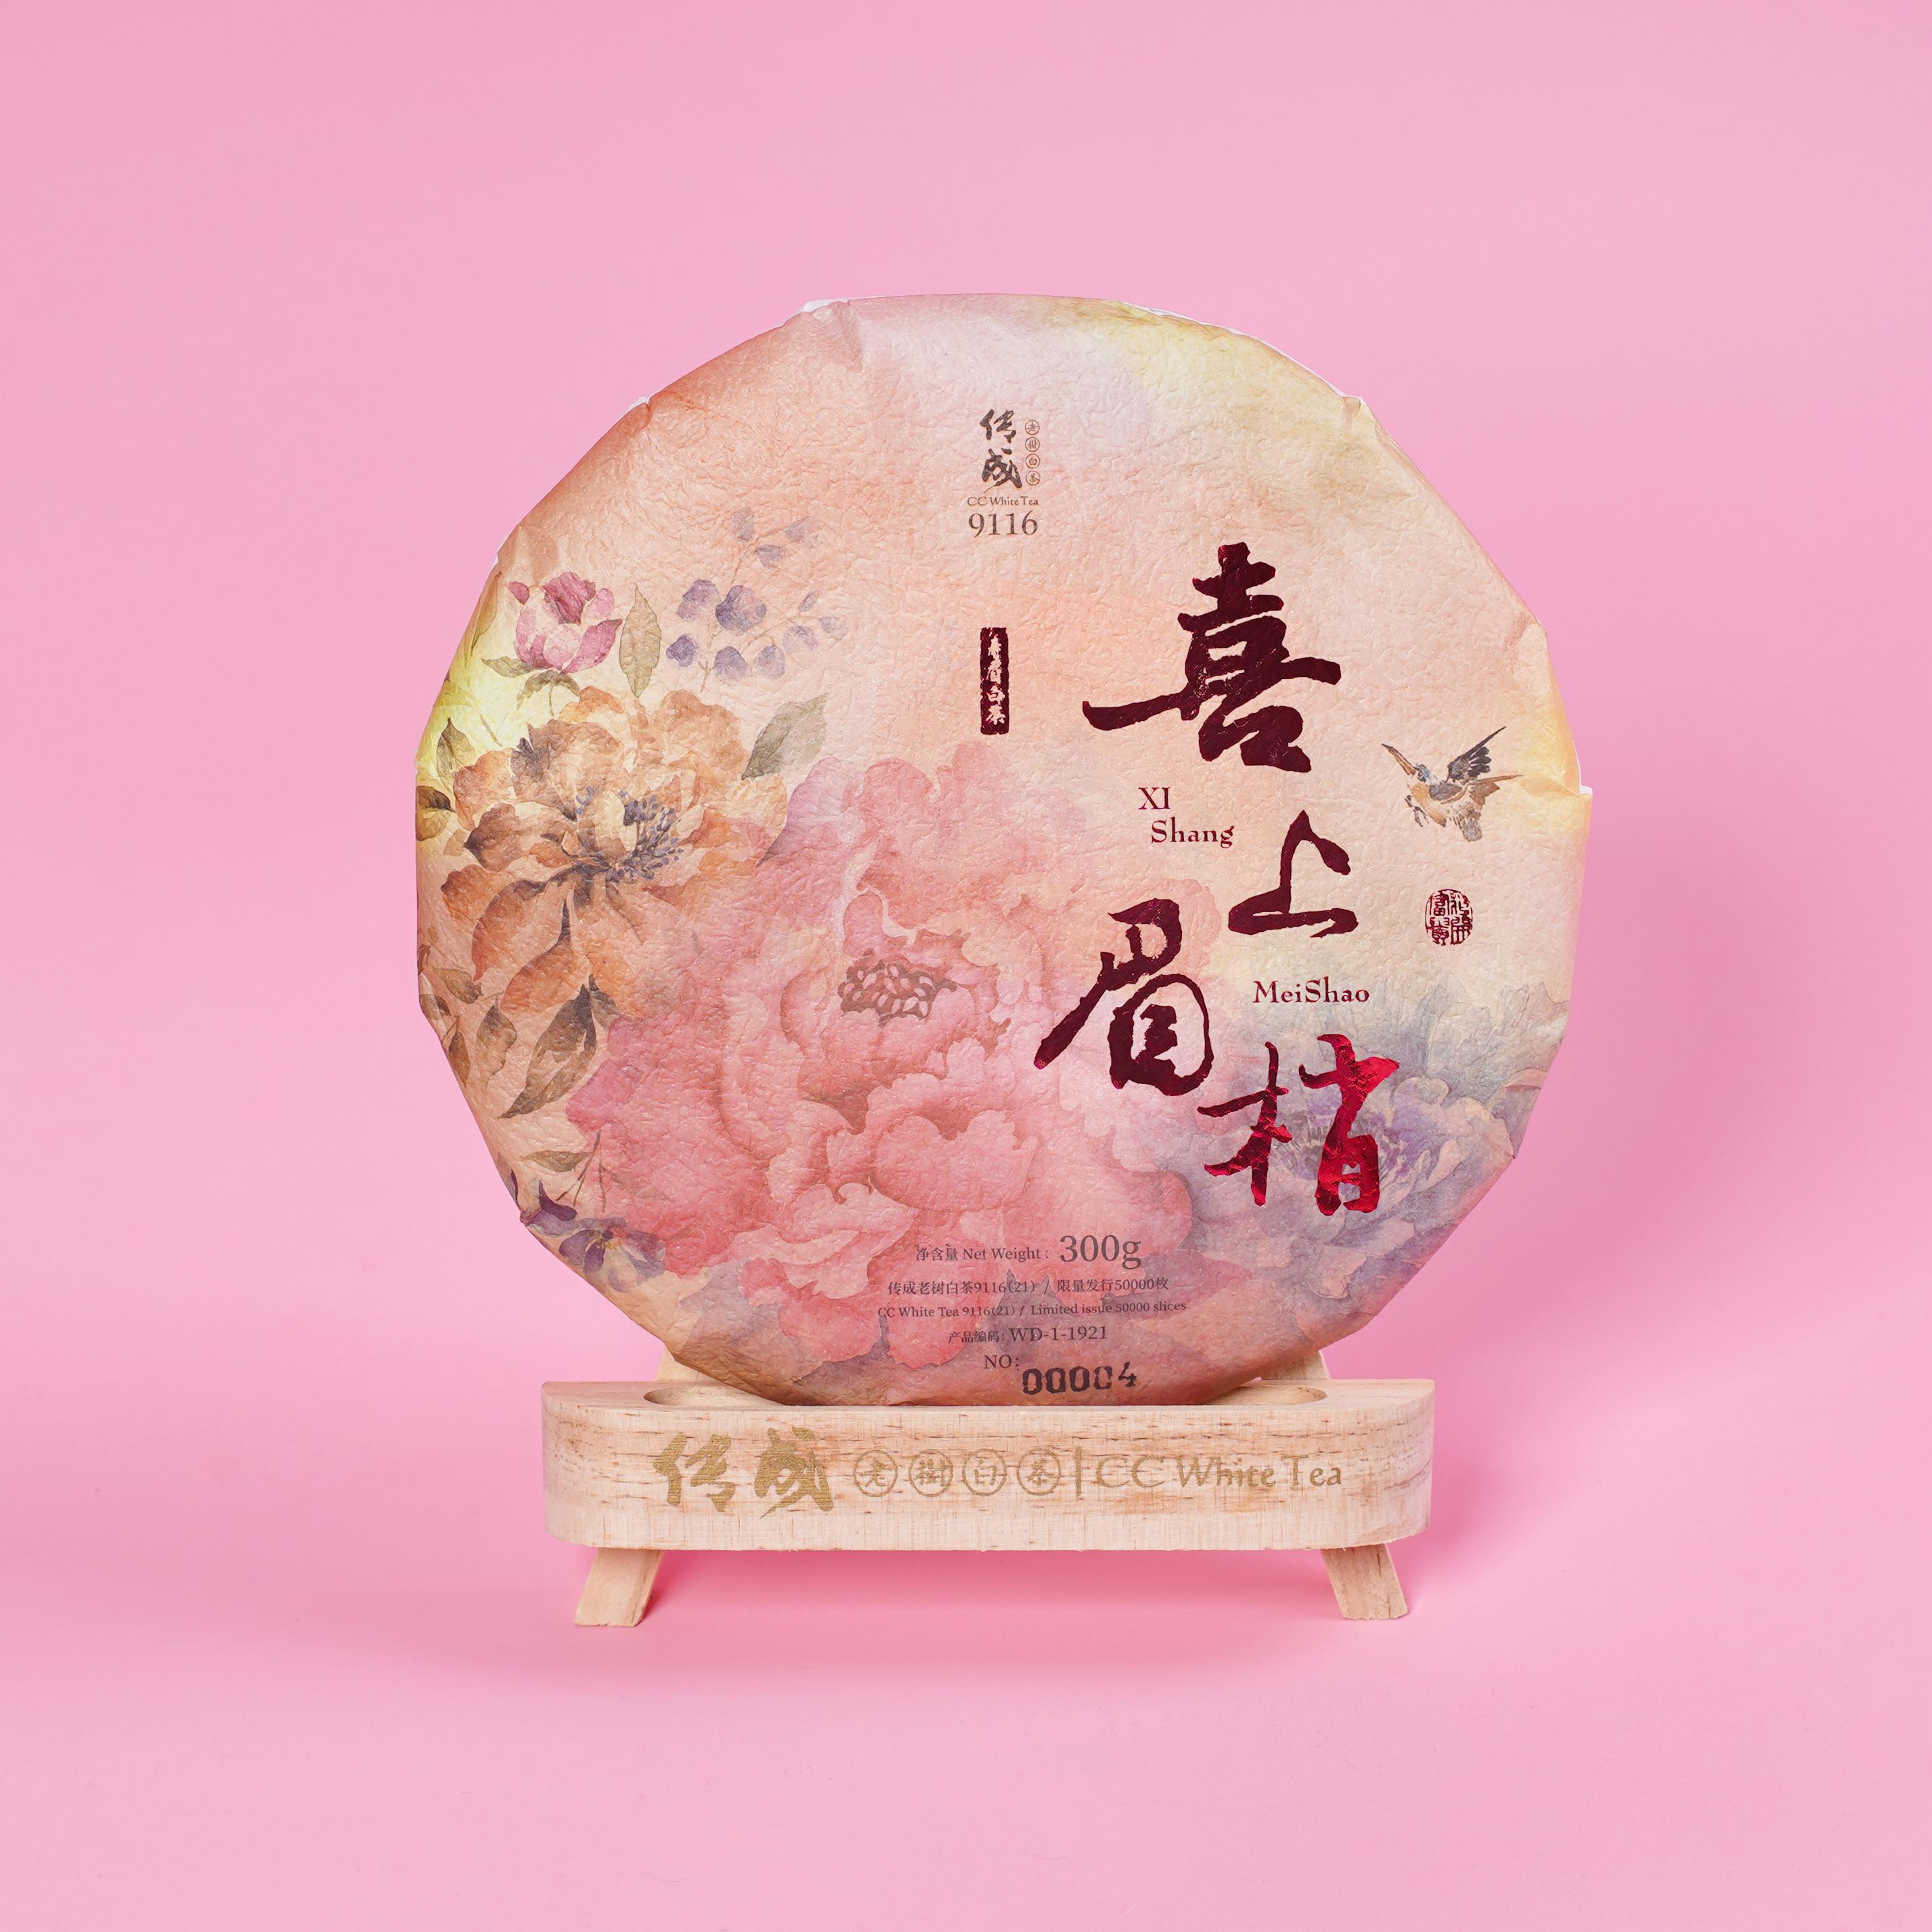 傳成老樹白茶9116(21)